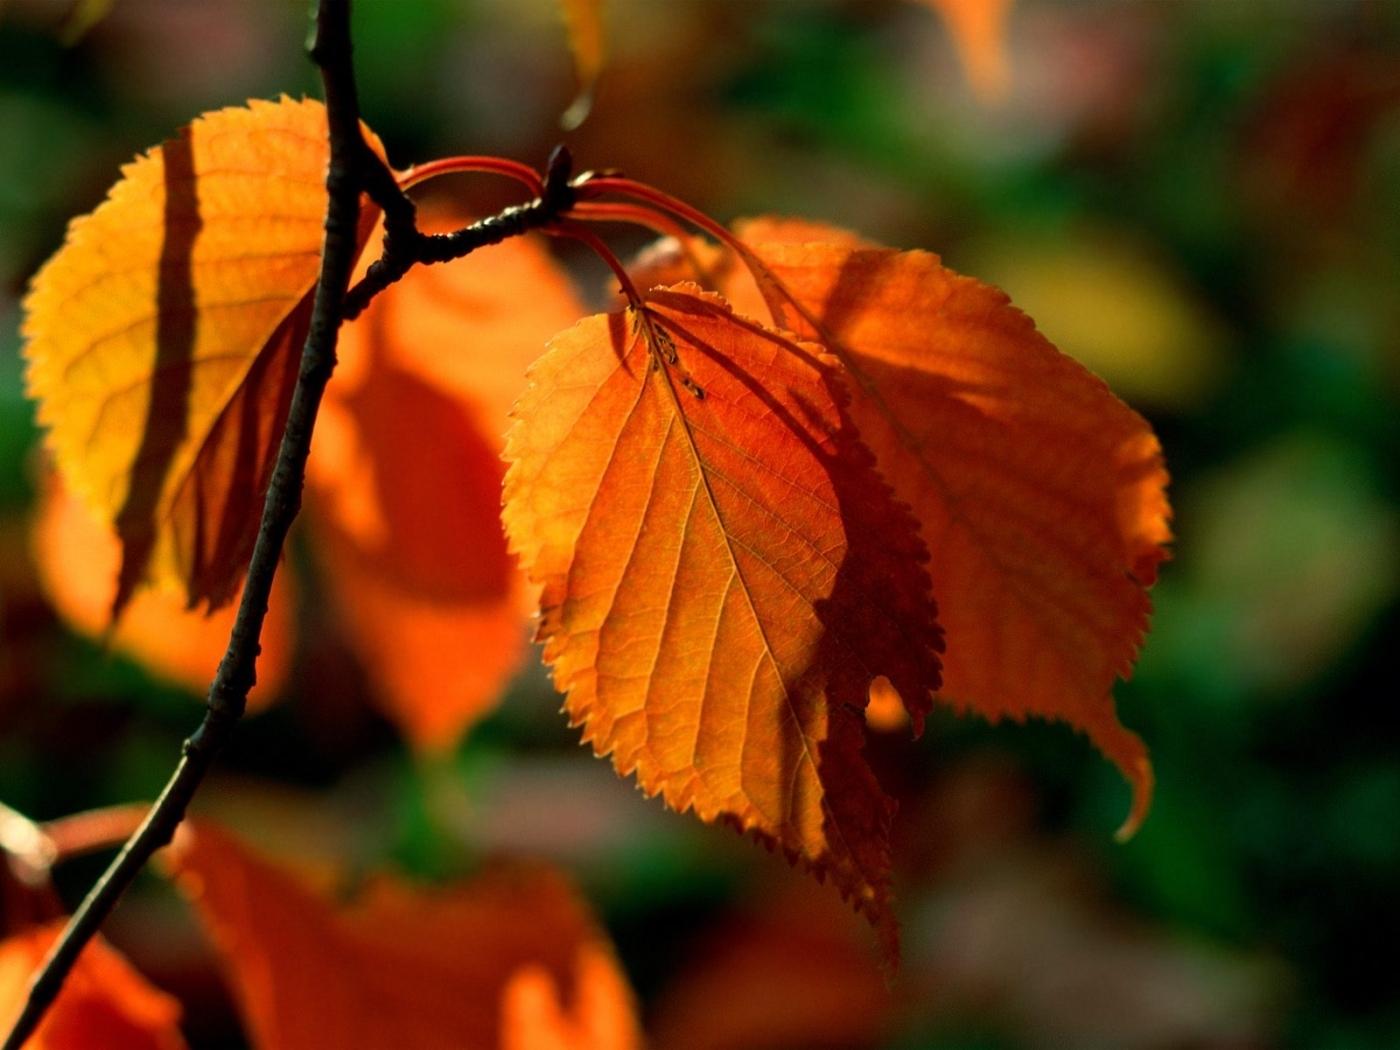 27856 скачать обои Растения, Осень, Листья - заставки и картинки бесплатно